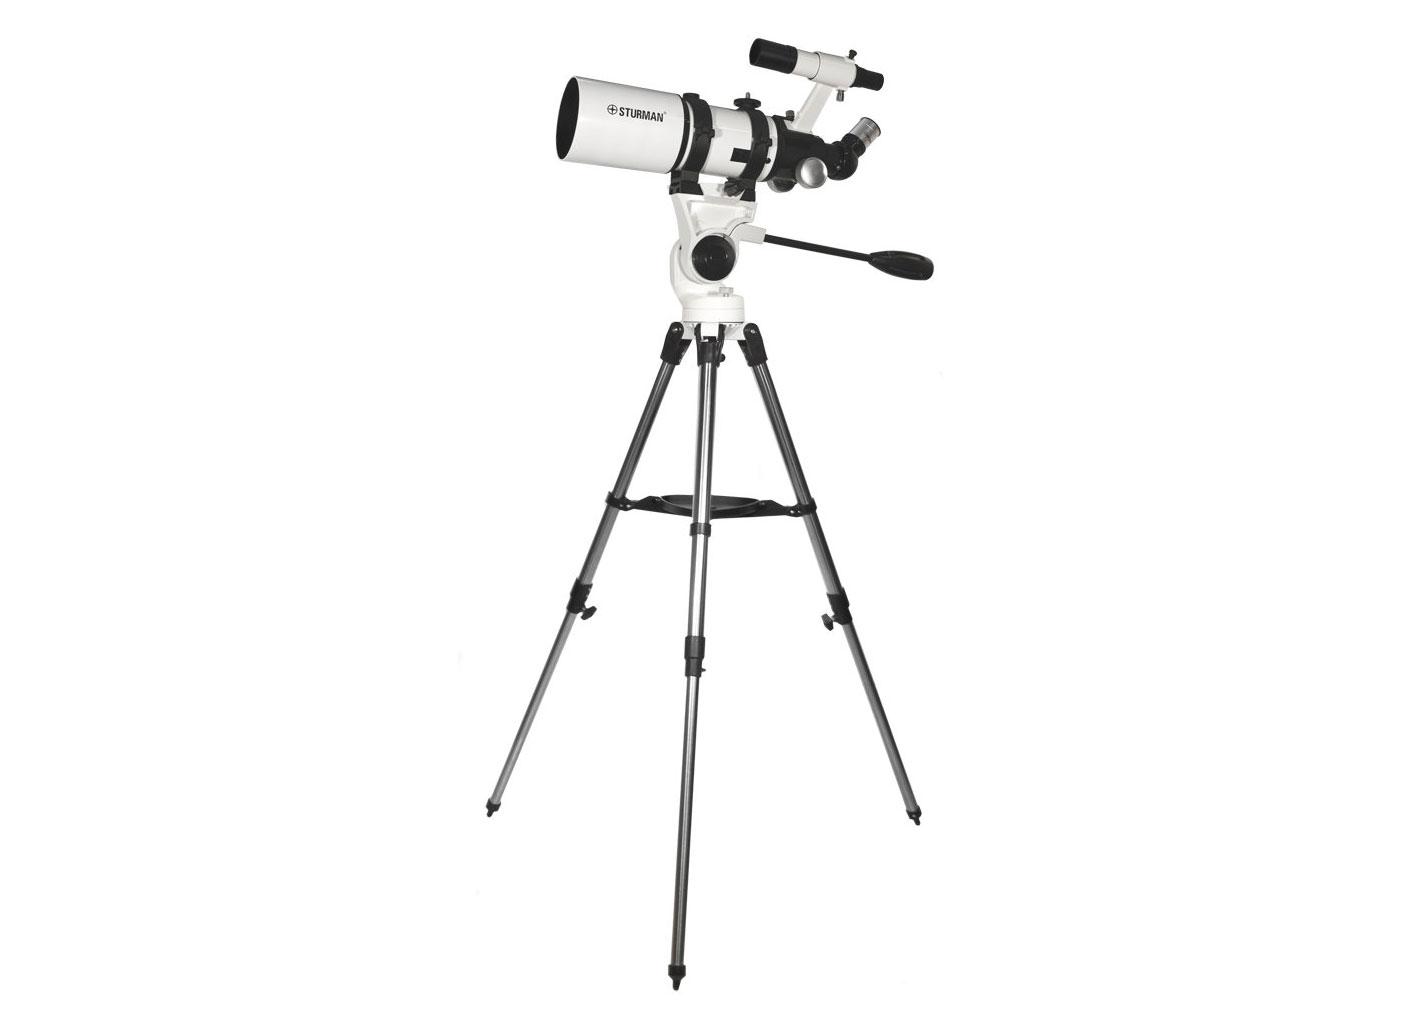 Картинка для Телескоп STURMAN HQ2 40080 AZ